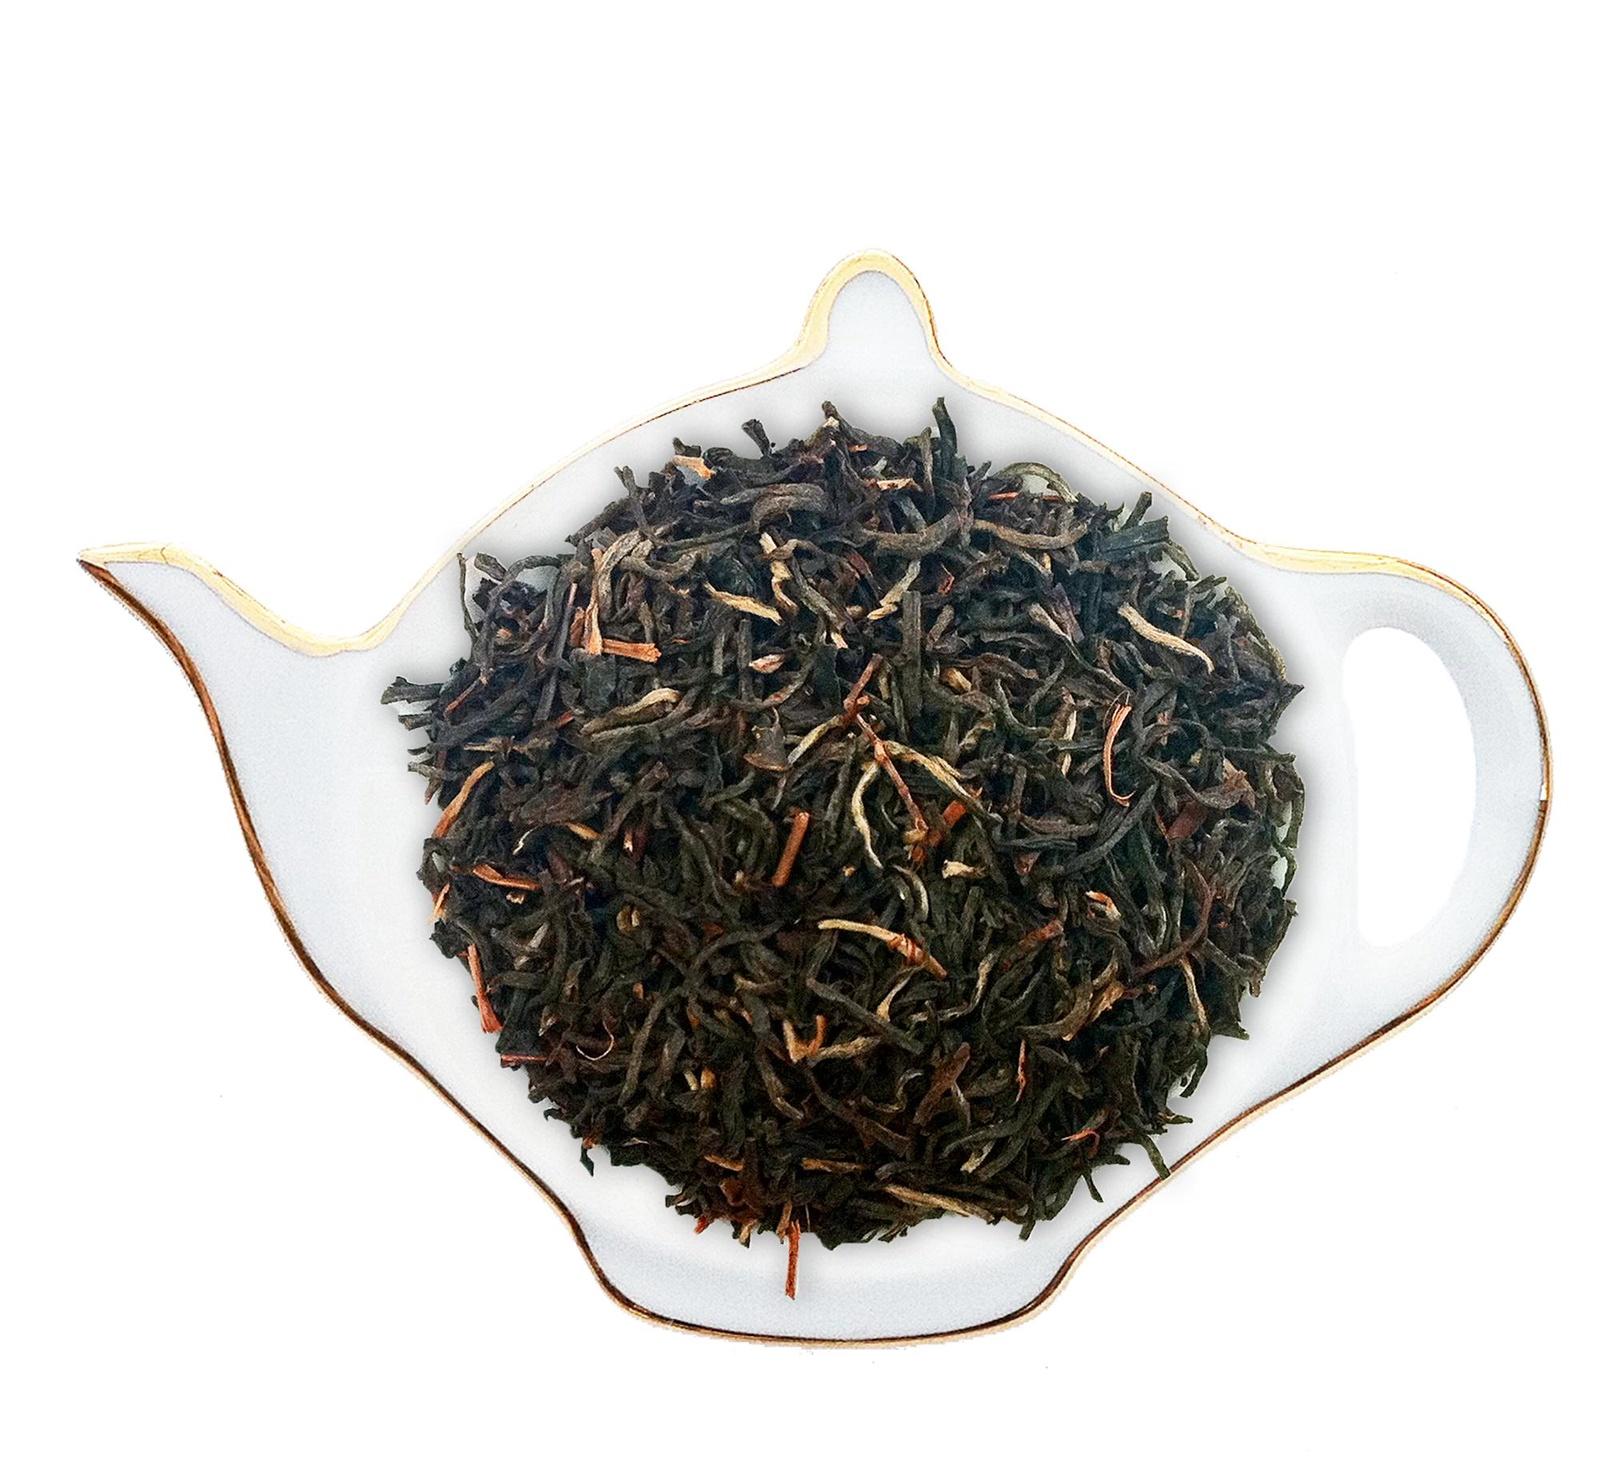 картинка чая черного байхового чая контроль несколькими